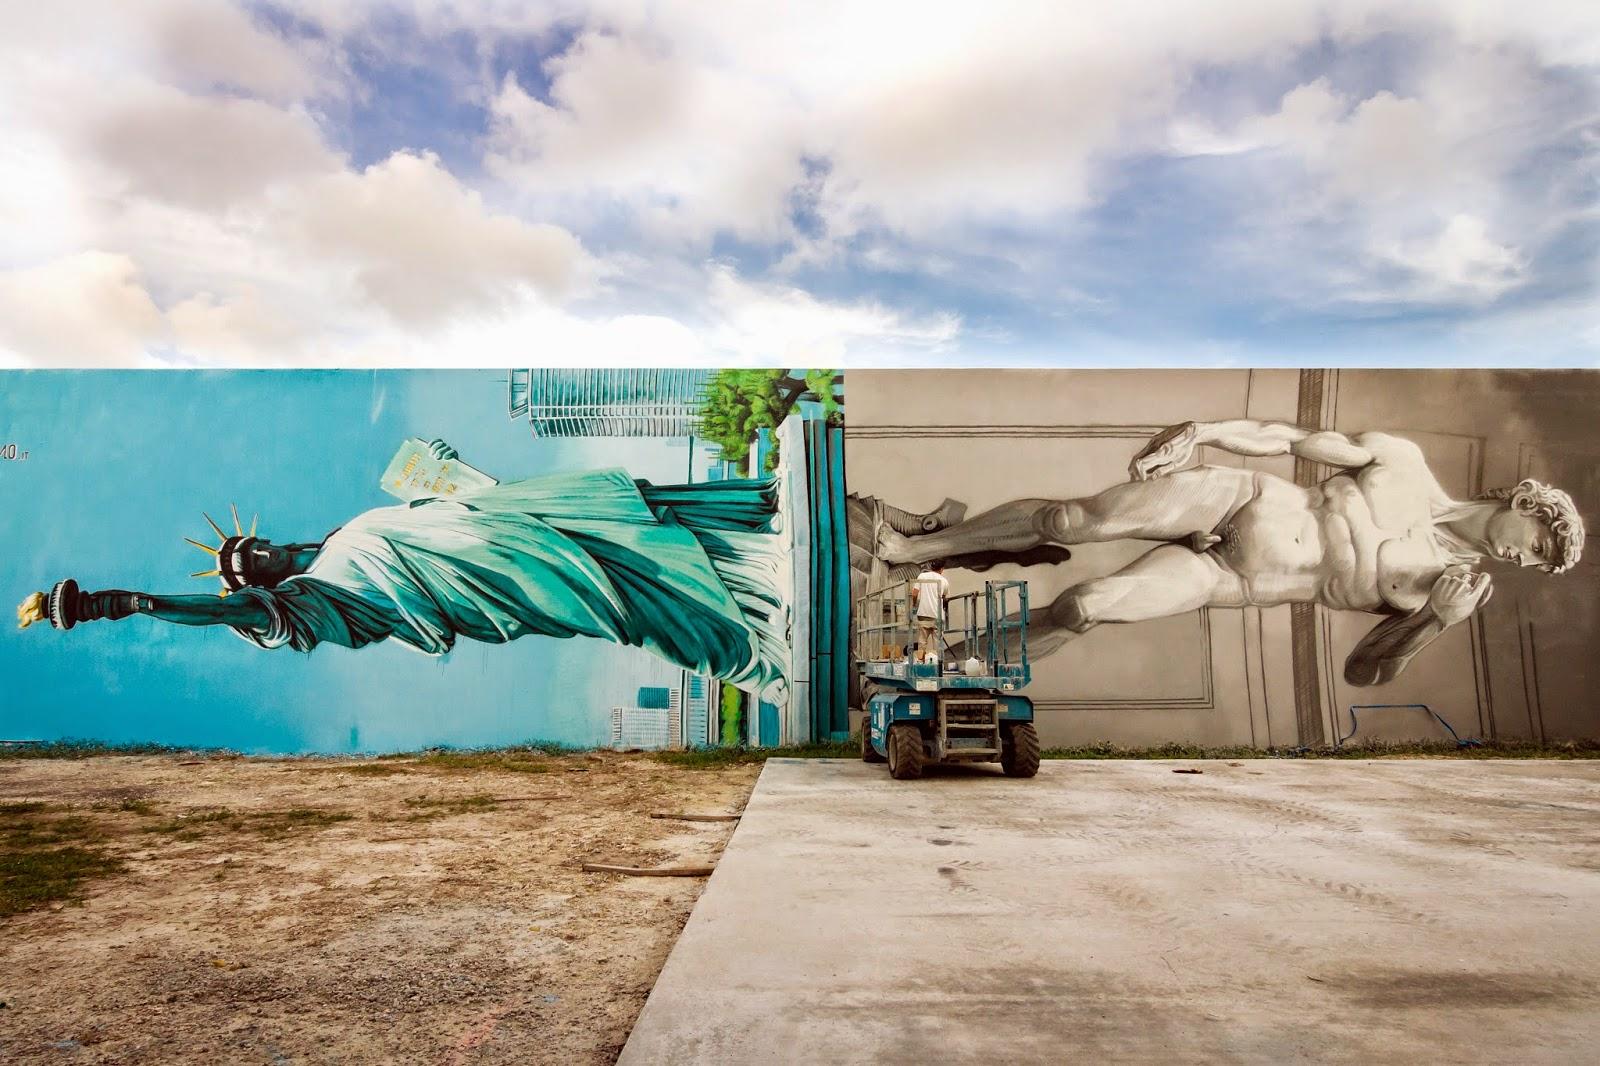 streetart-october-man